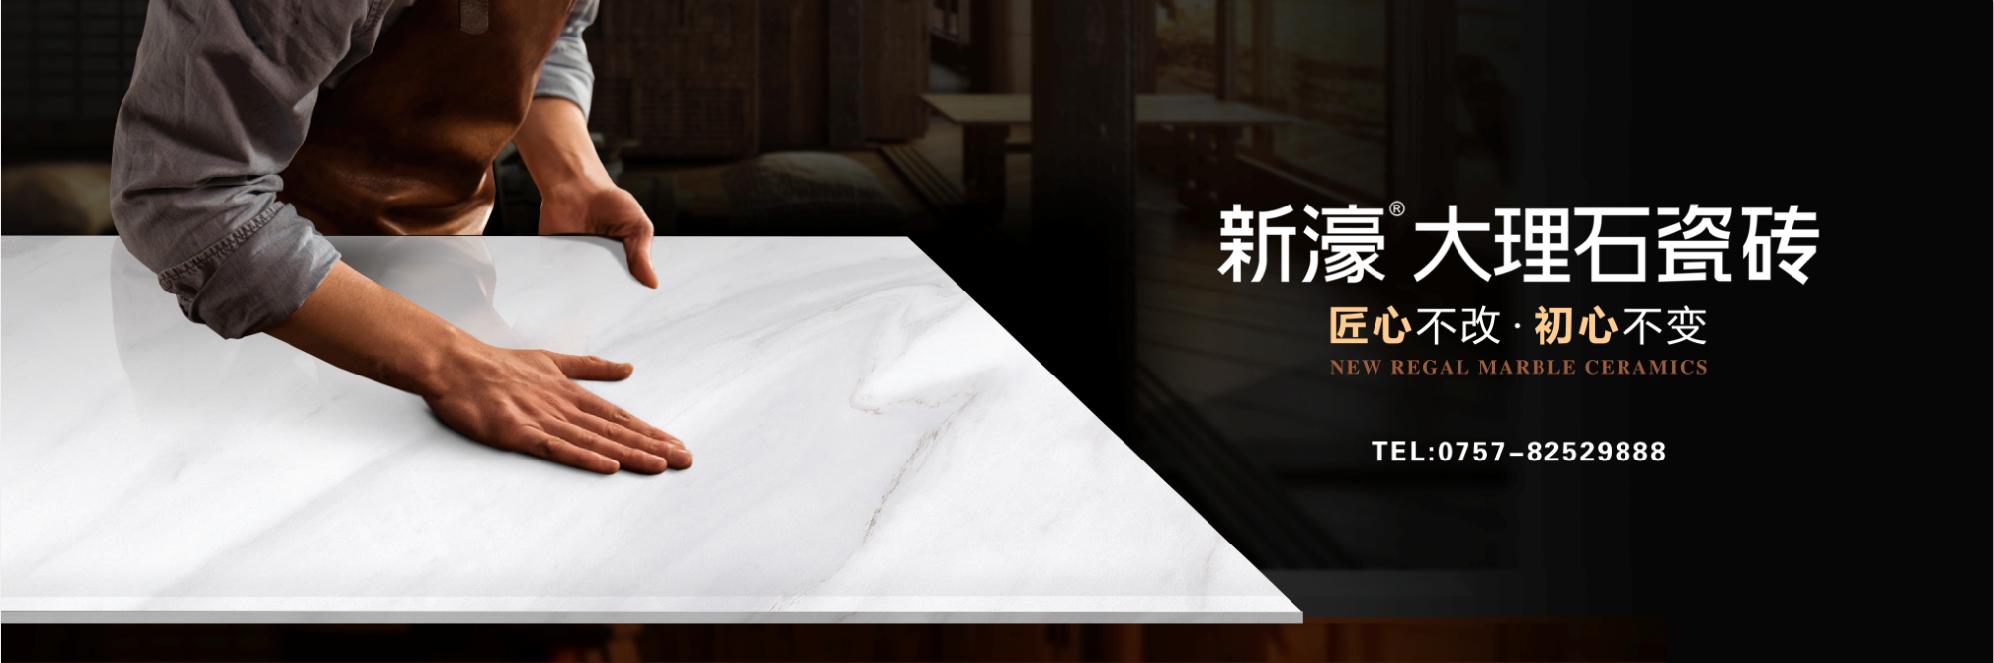 新濠大理石瓷砖